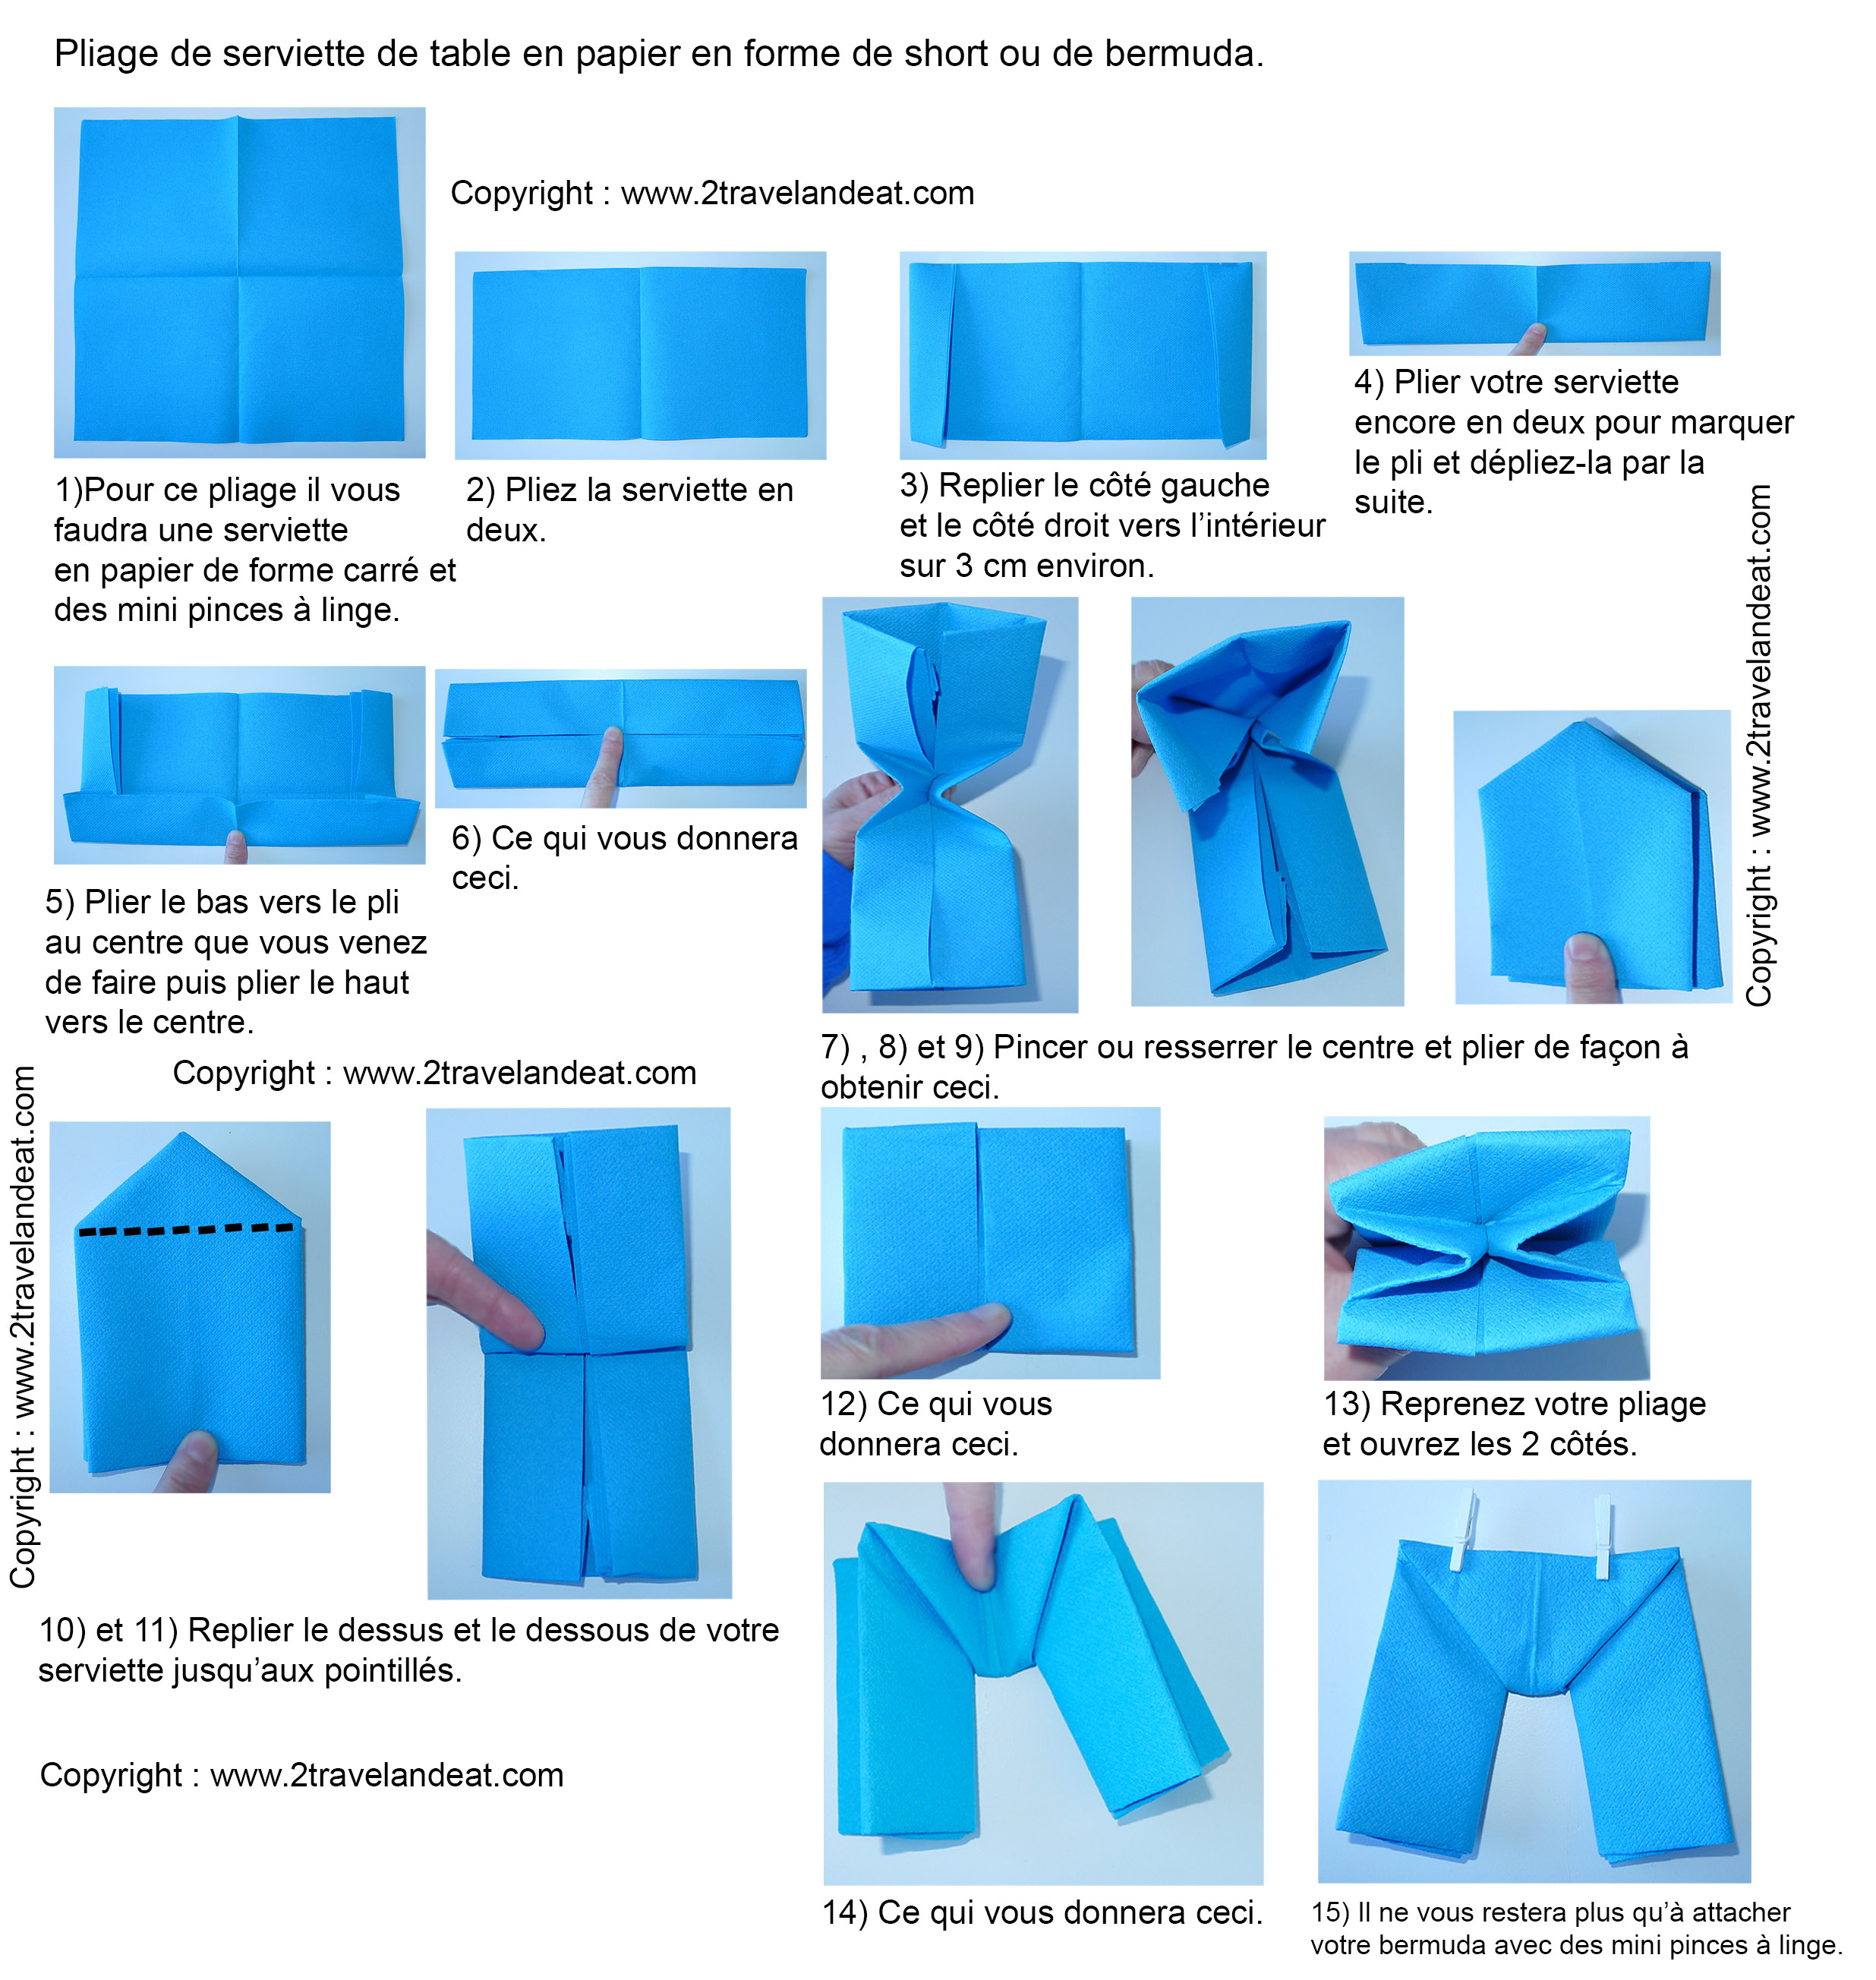 Pliage de serviette de table en forme de bateau de cale on ou short ou de bermuda r aliser un - Pliage serviette bateau ...